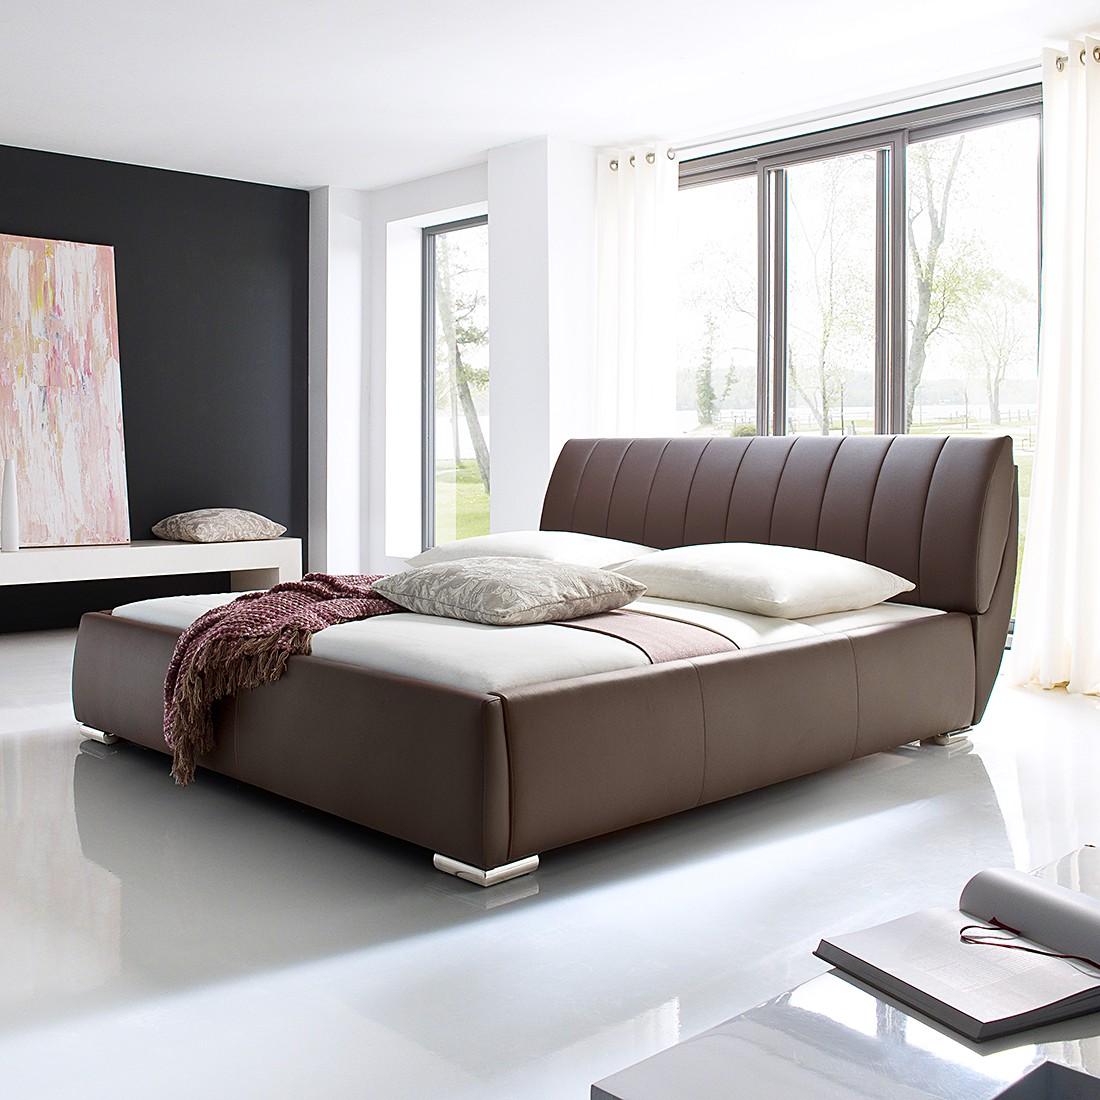 charming einfache dekoration und mobel das smarte bett luna #2: Polsterbett Luna - Kunstleder | home24